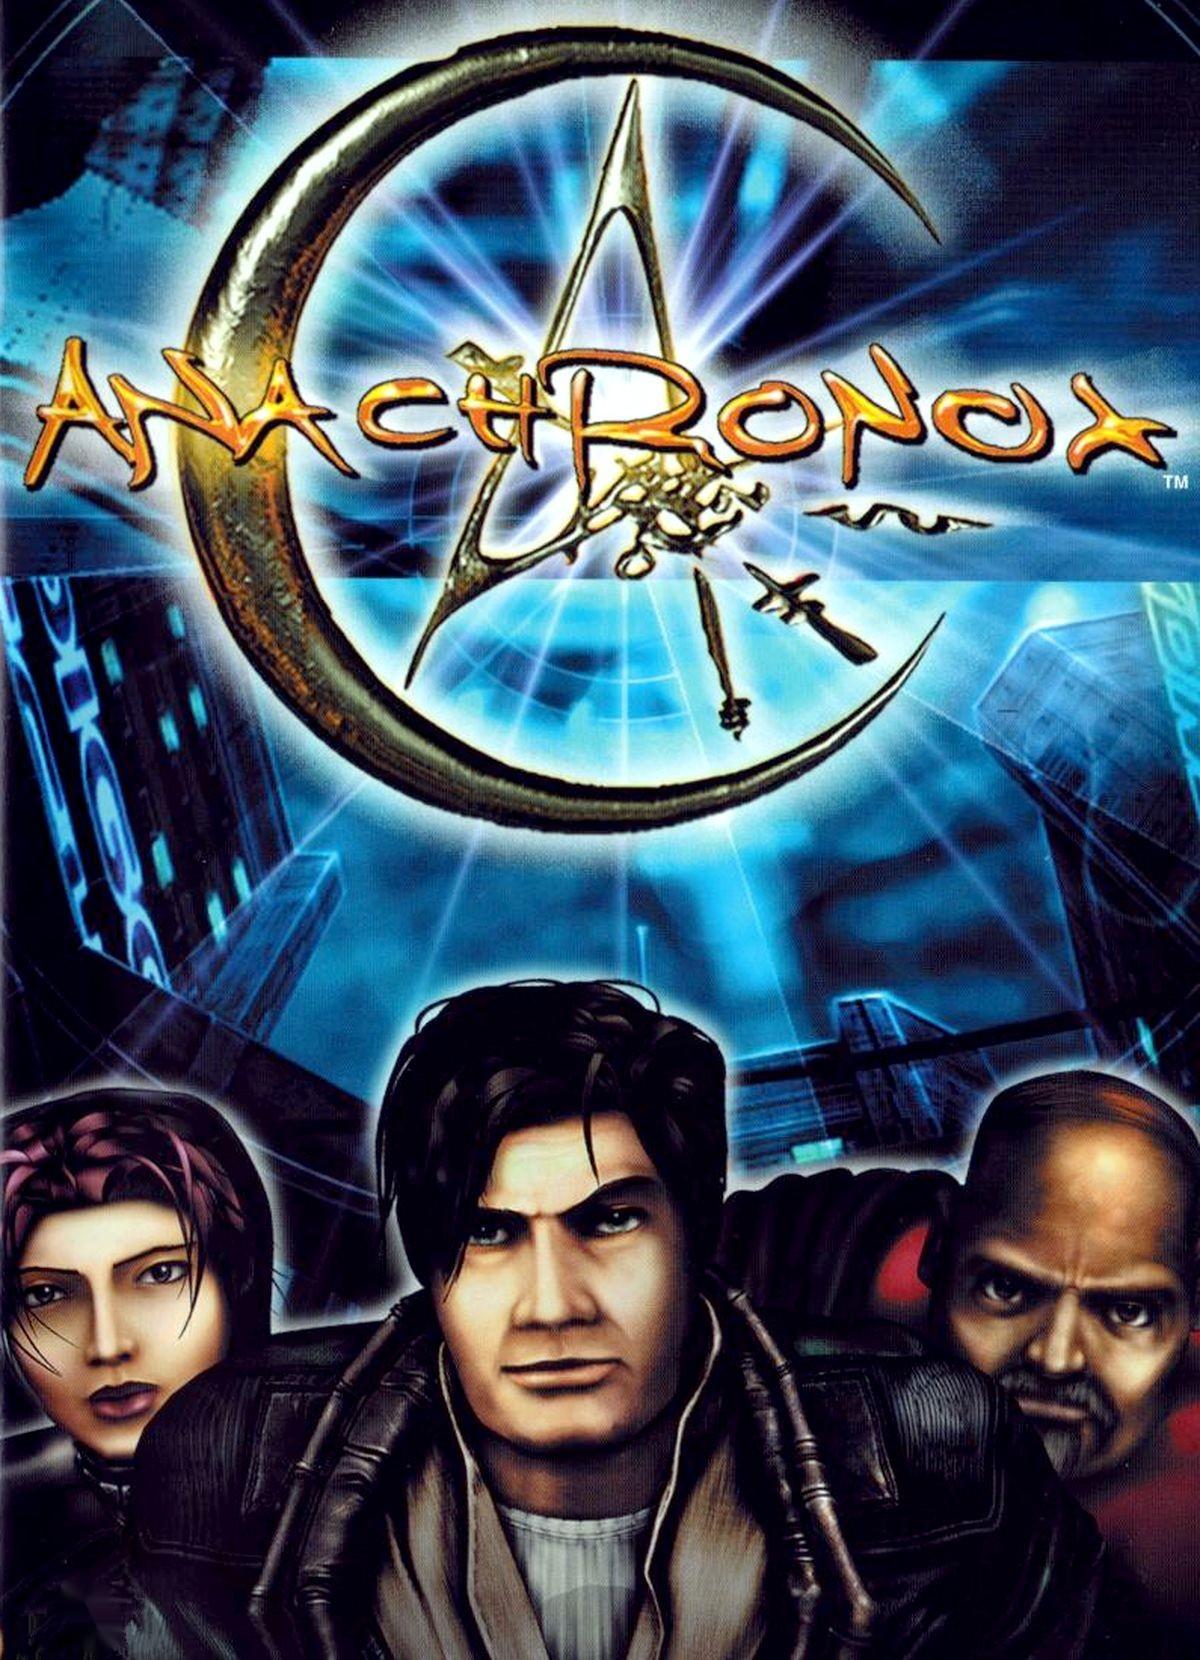 Возвращение в легенду #8 Anachronox. - Изображение 1